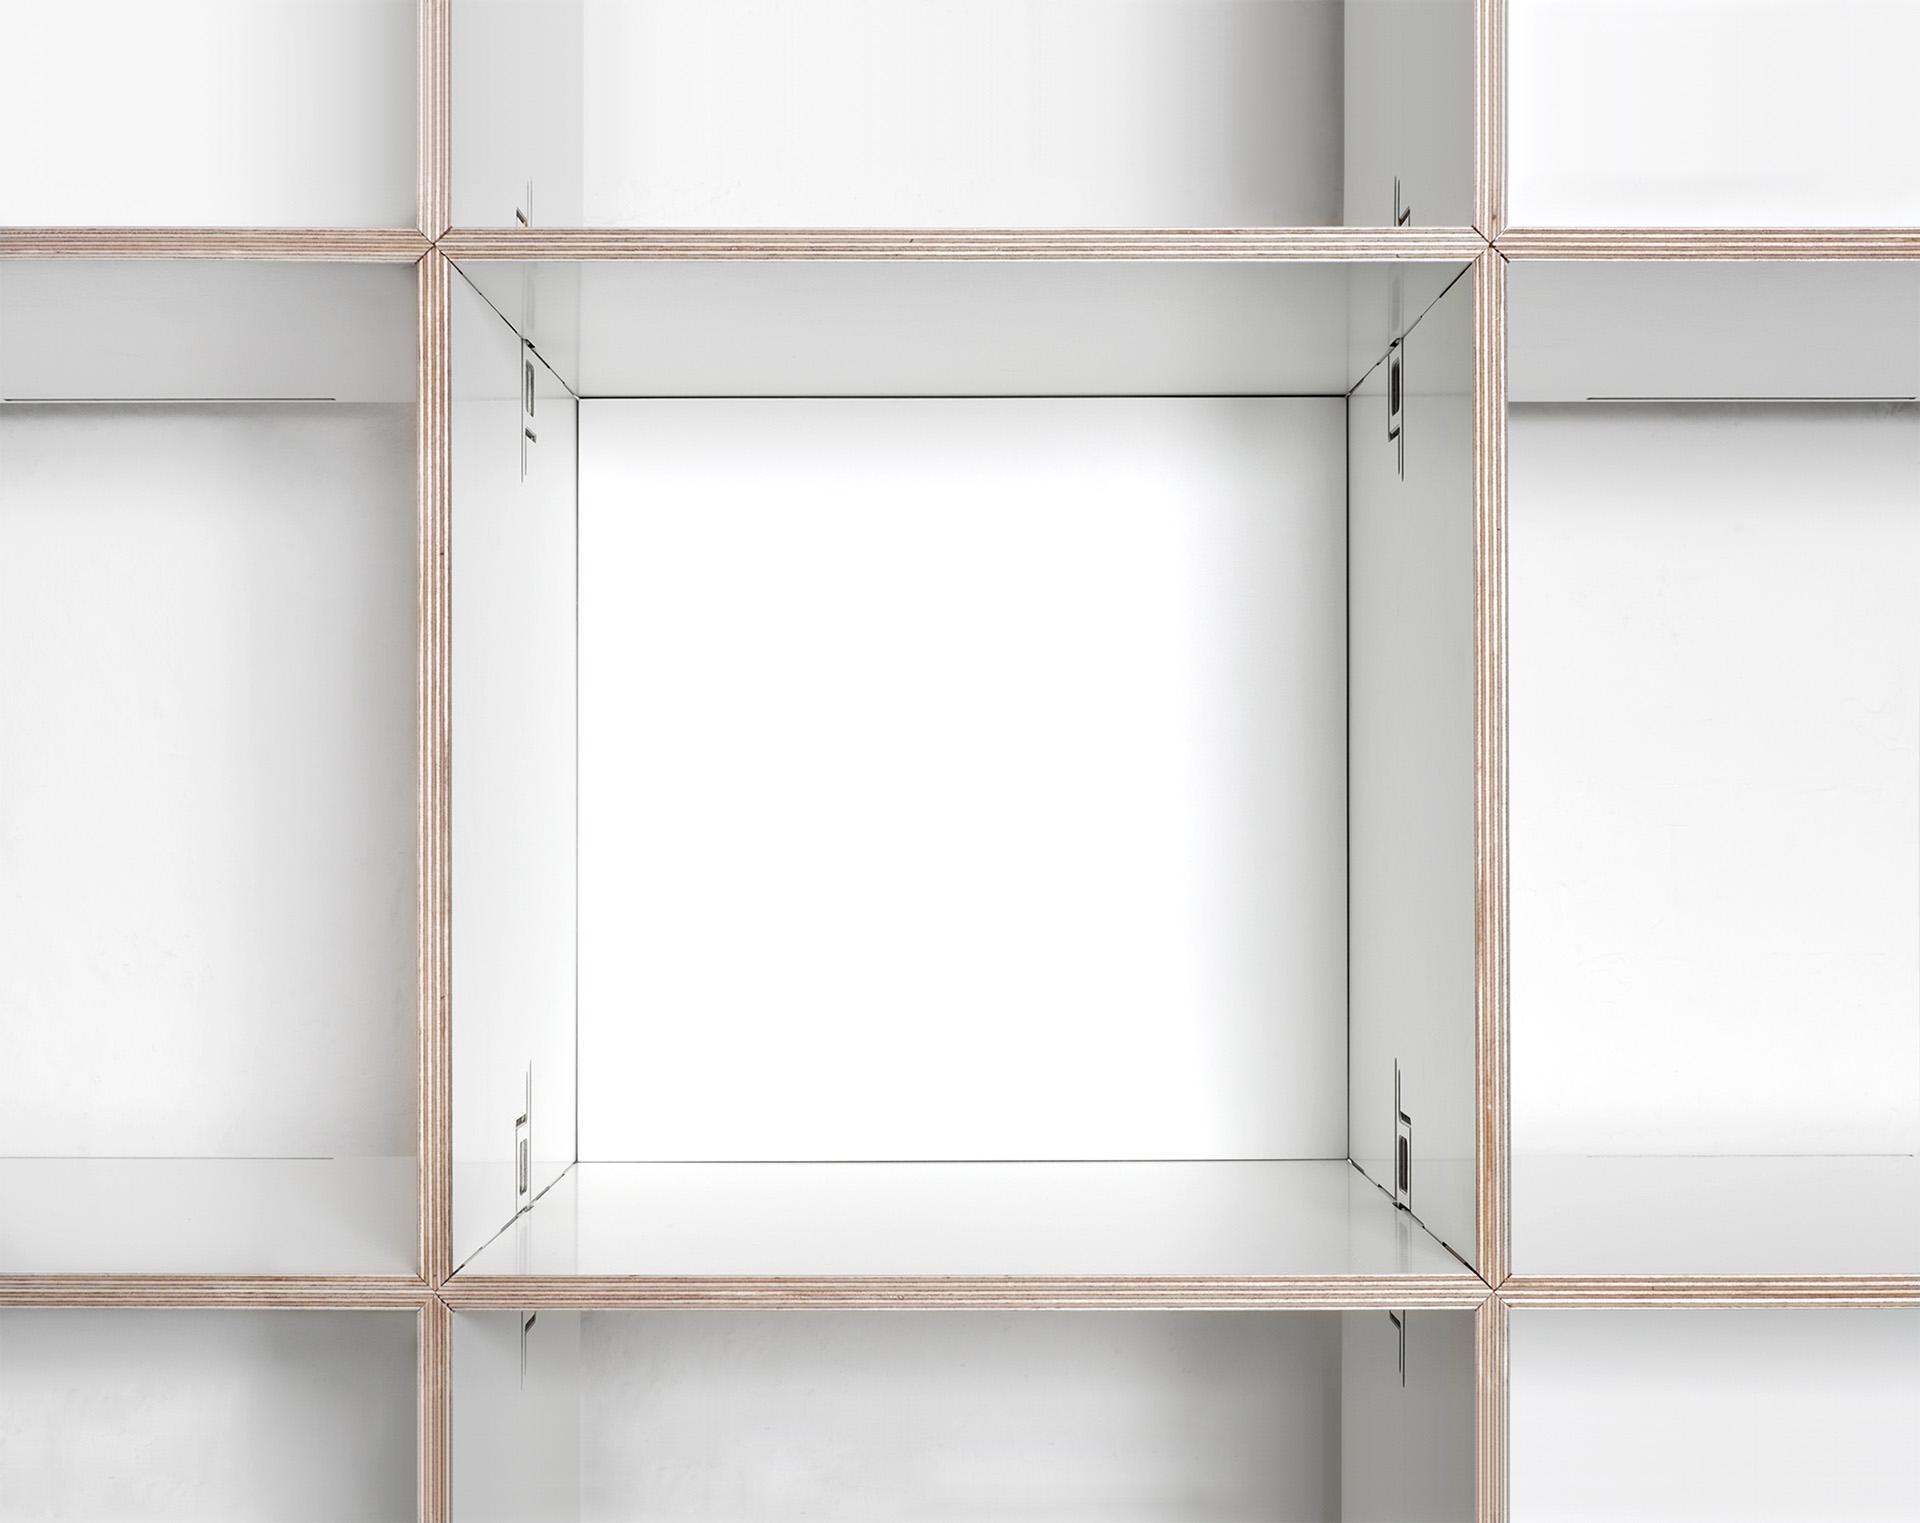 Full Size of Regal Modular Tool Free Shelf System Snap Mit Körben Regale Kaufen Aus Weinkisten Fächer Berlin Hängeregal Küche 80 Cm Hoch Kleiderschrank 30 Breit Regal Regal Modular